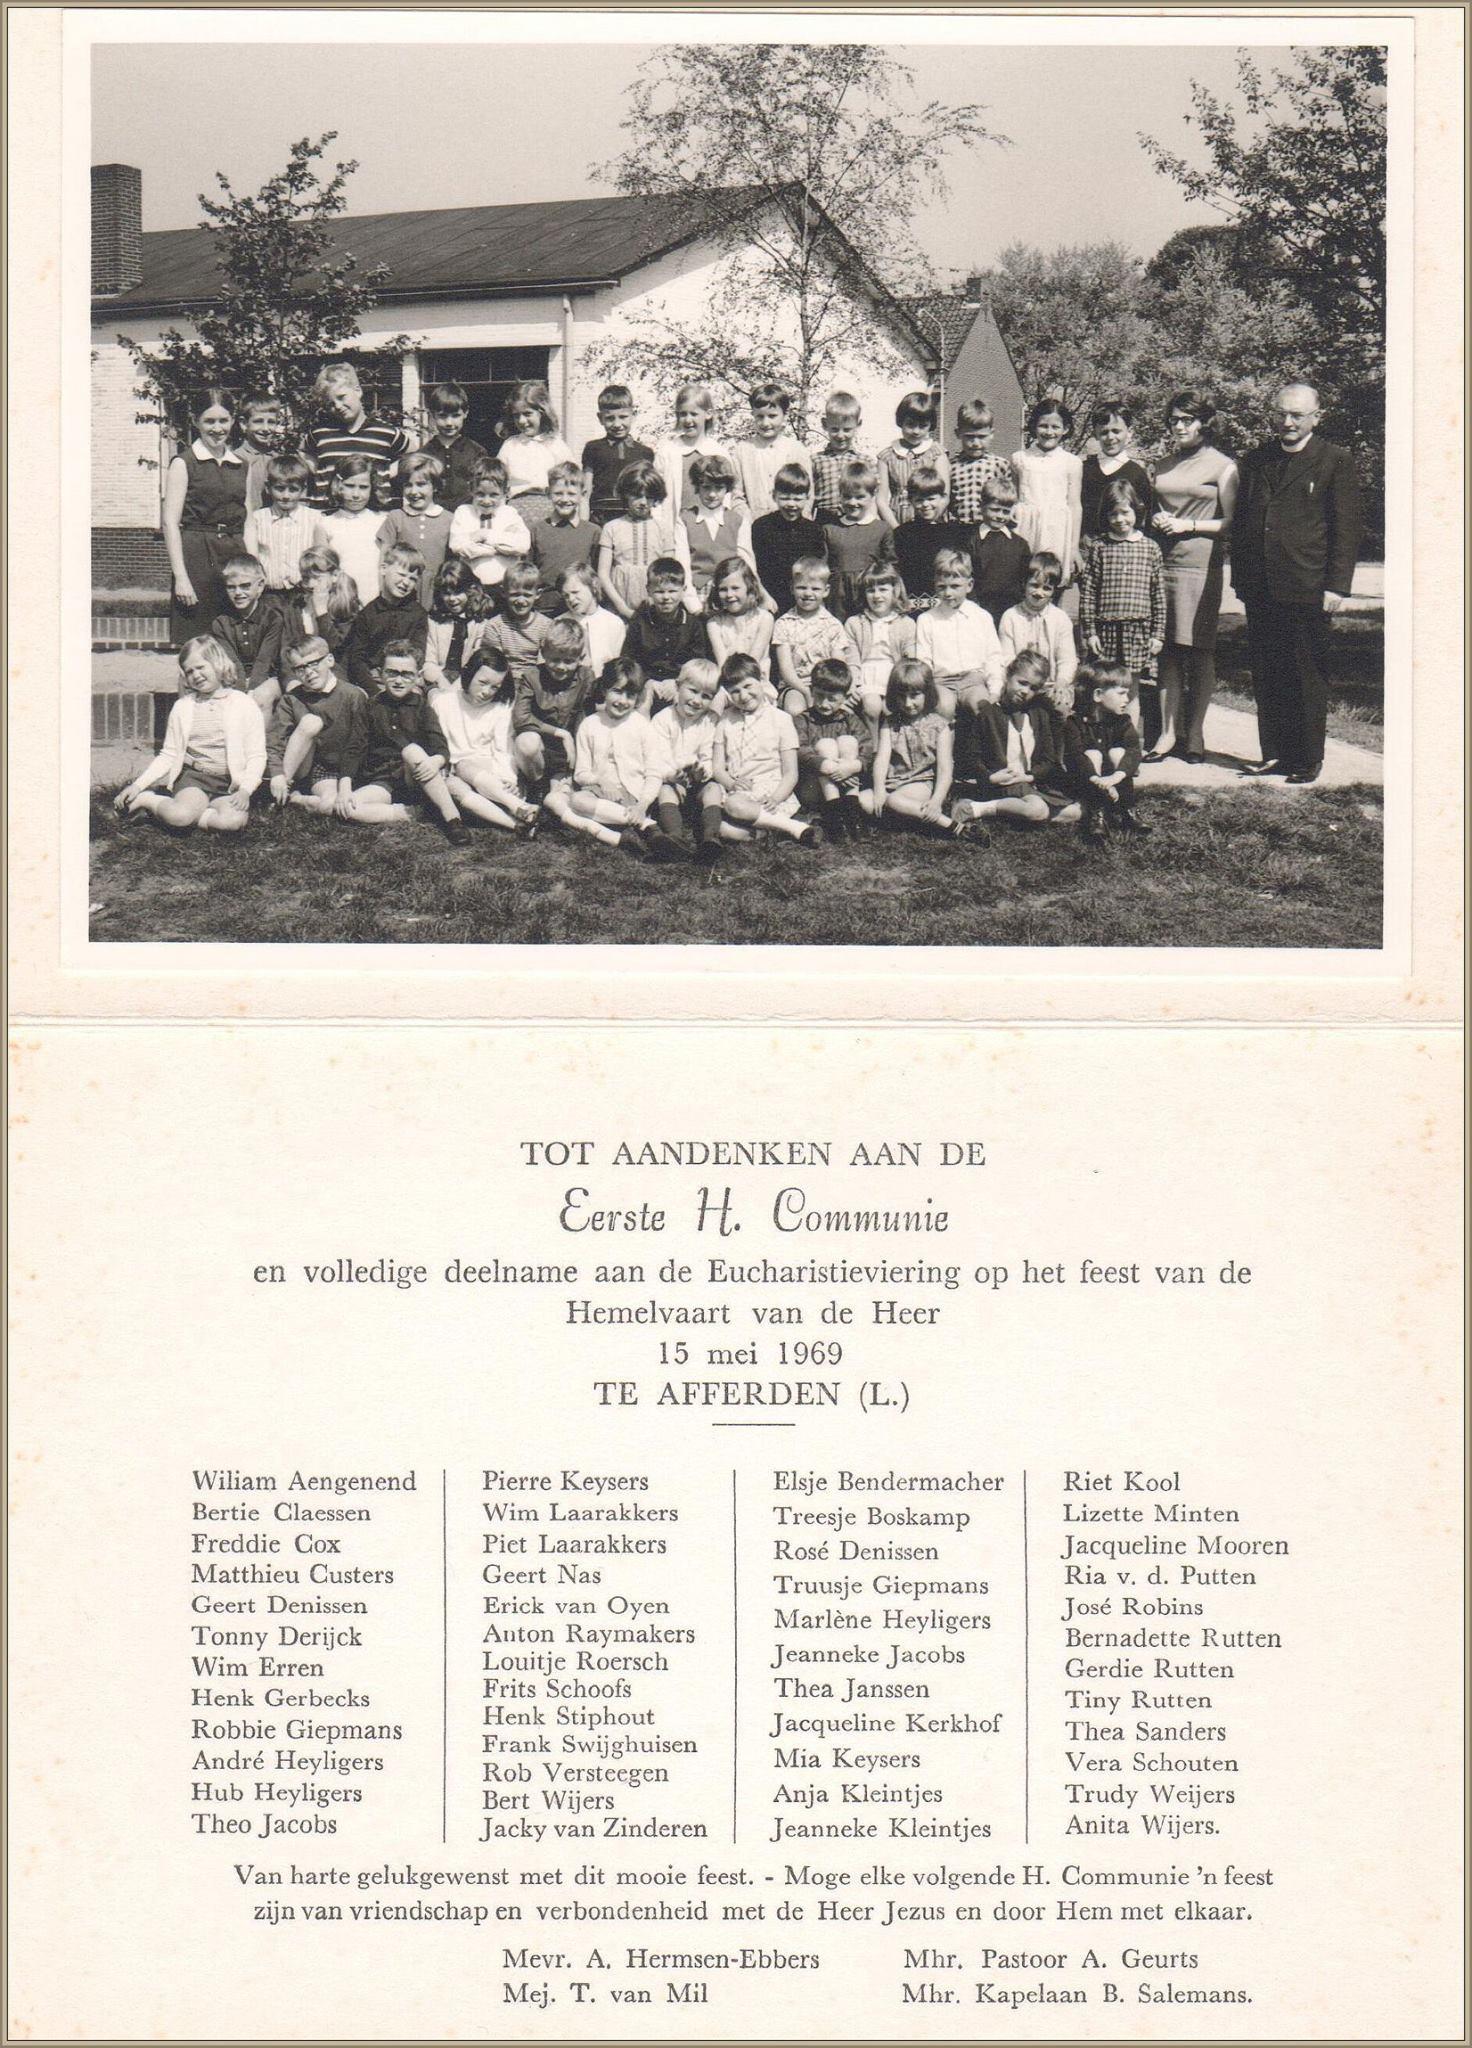 De Eerste Communie in 1969